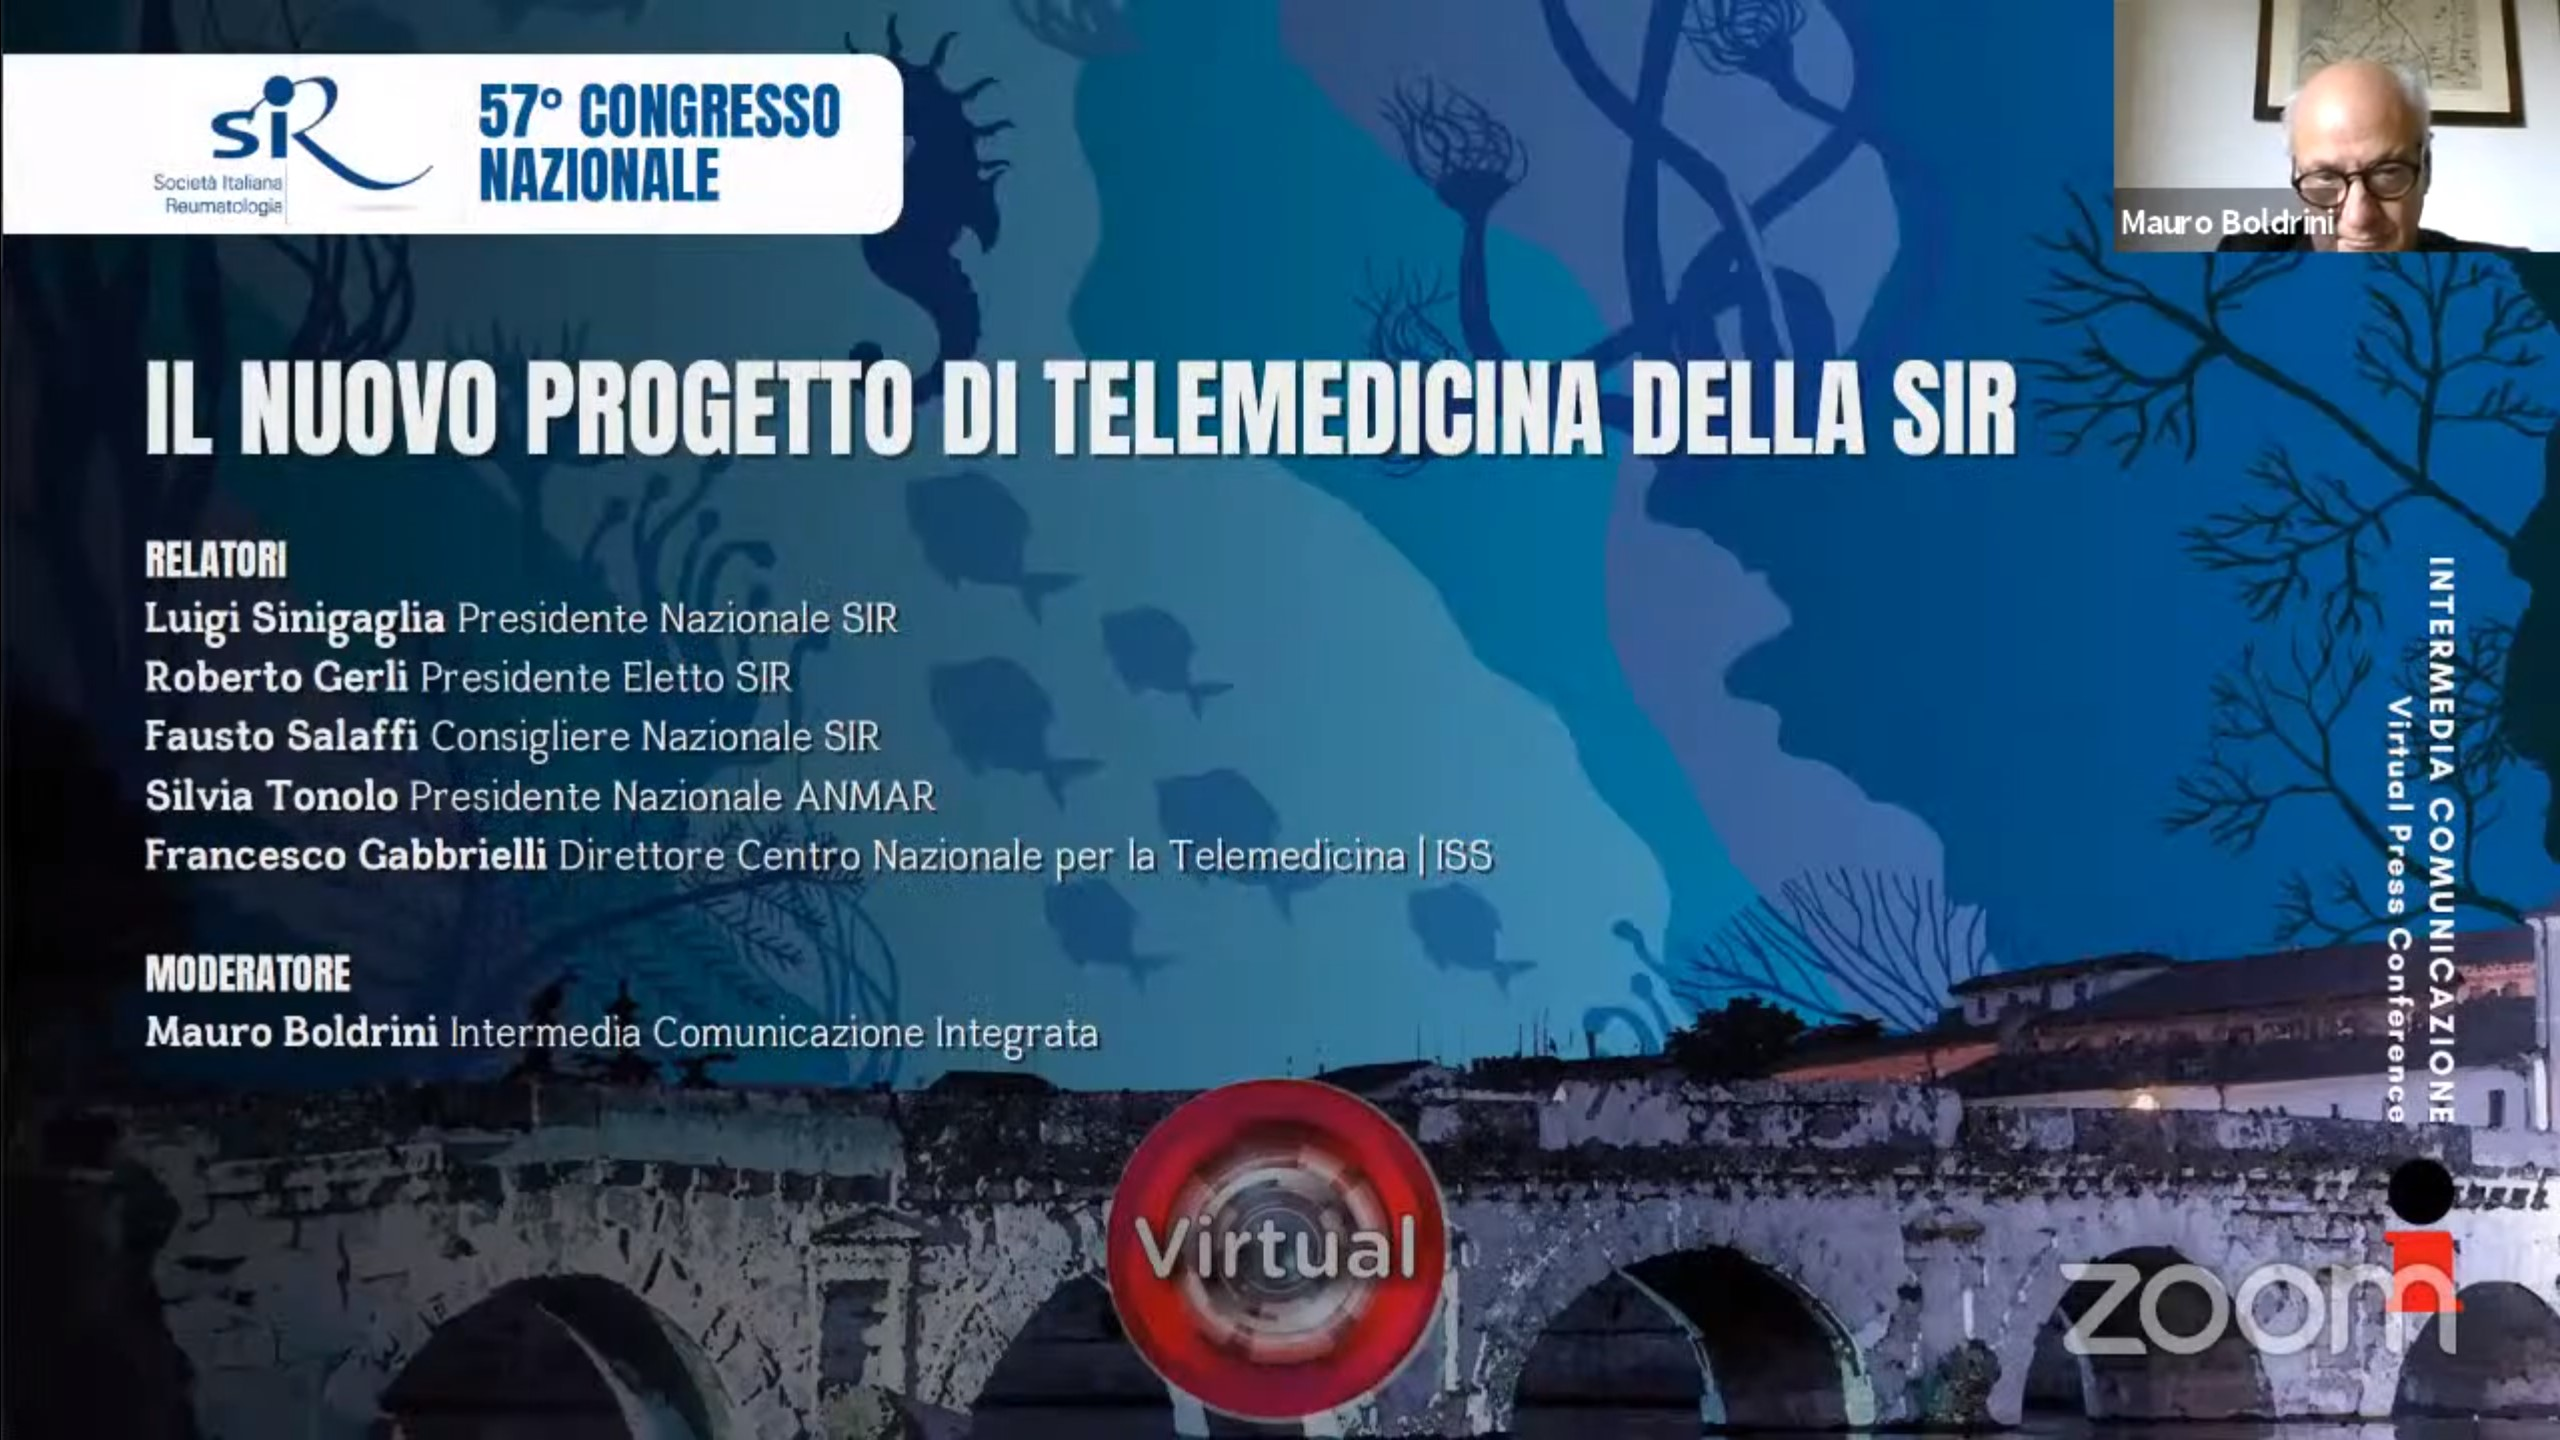 57° Congresso Nazionale SIR - Il nuovo progetto di telemedicina della SIR